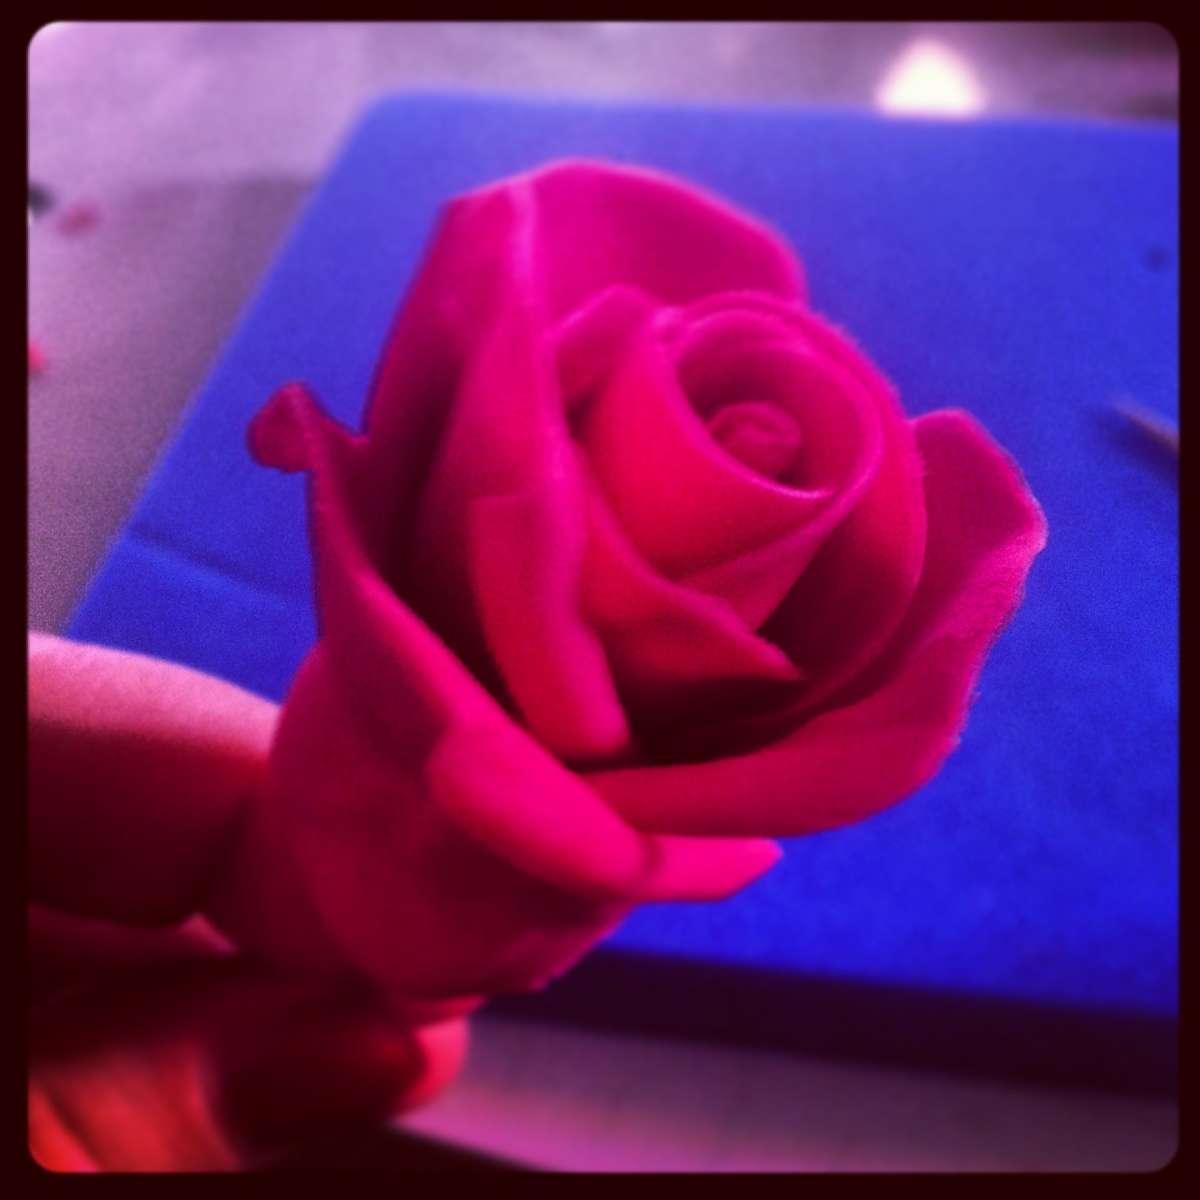 La rosa in pasta di zucchero di Pourfemme